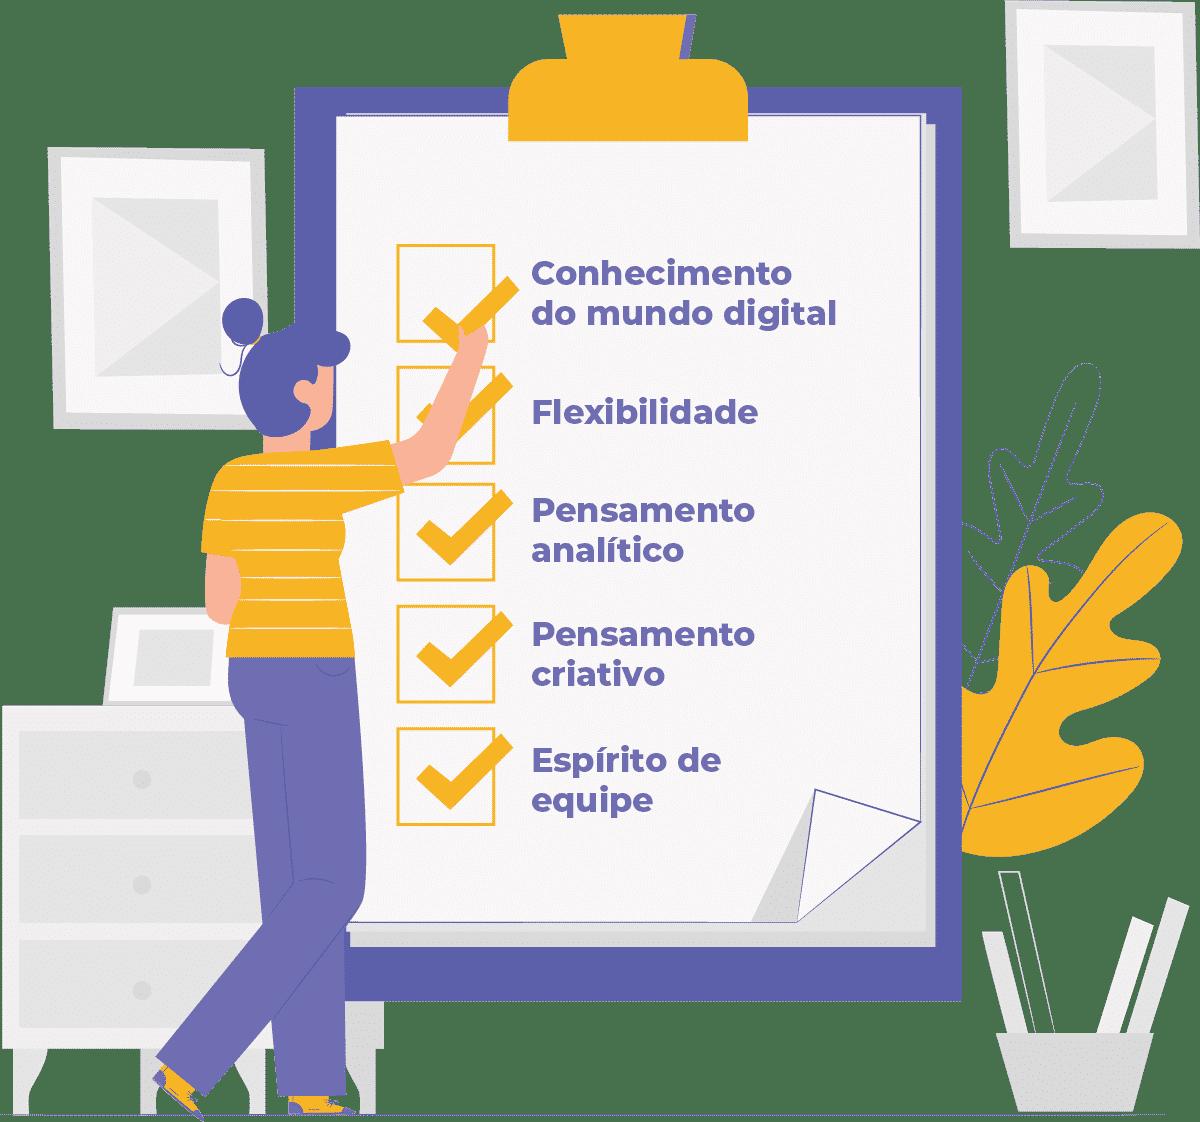 Conheça as habilidades necessárias para trabalhar com marketing digital